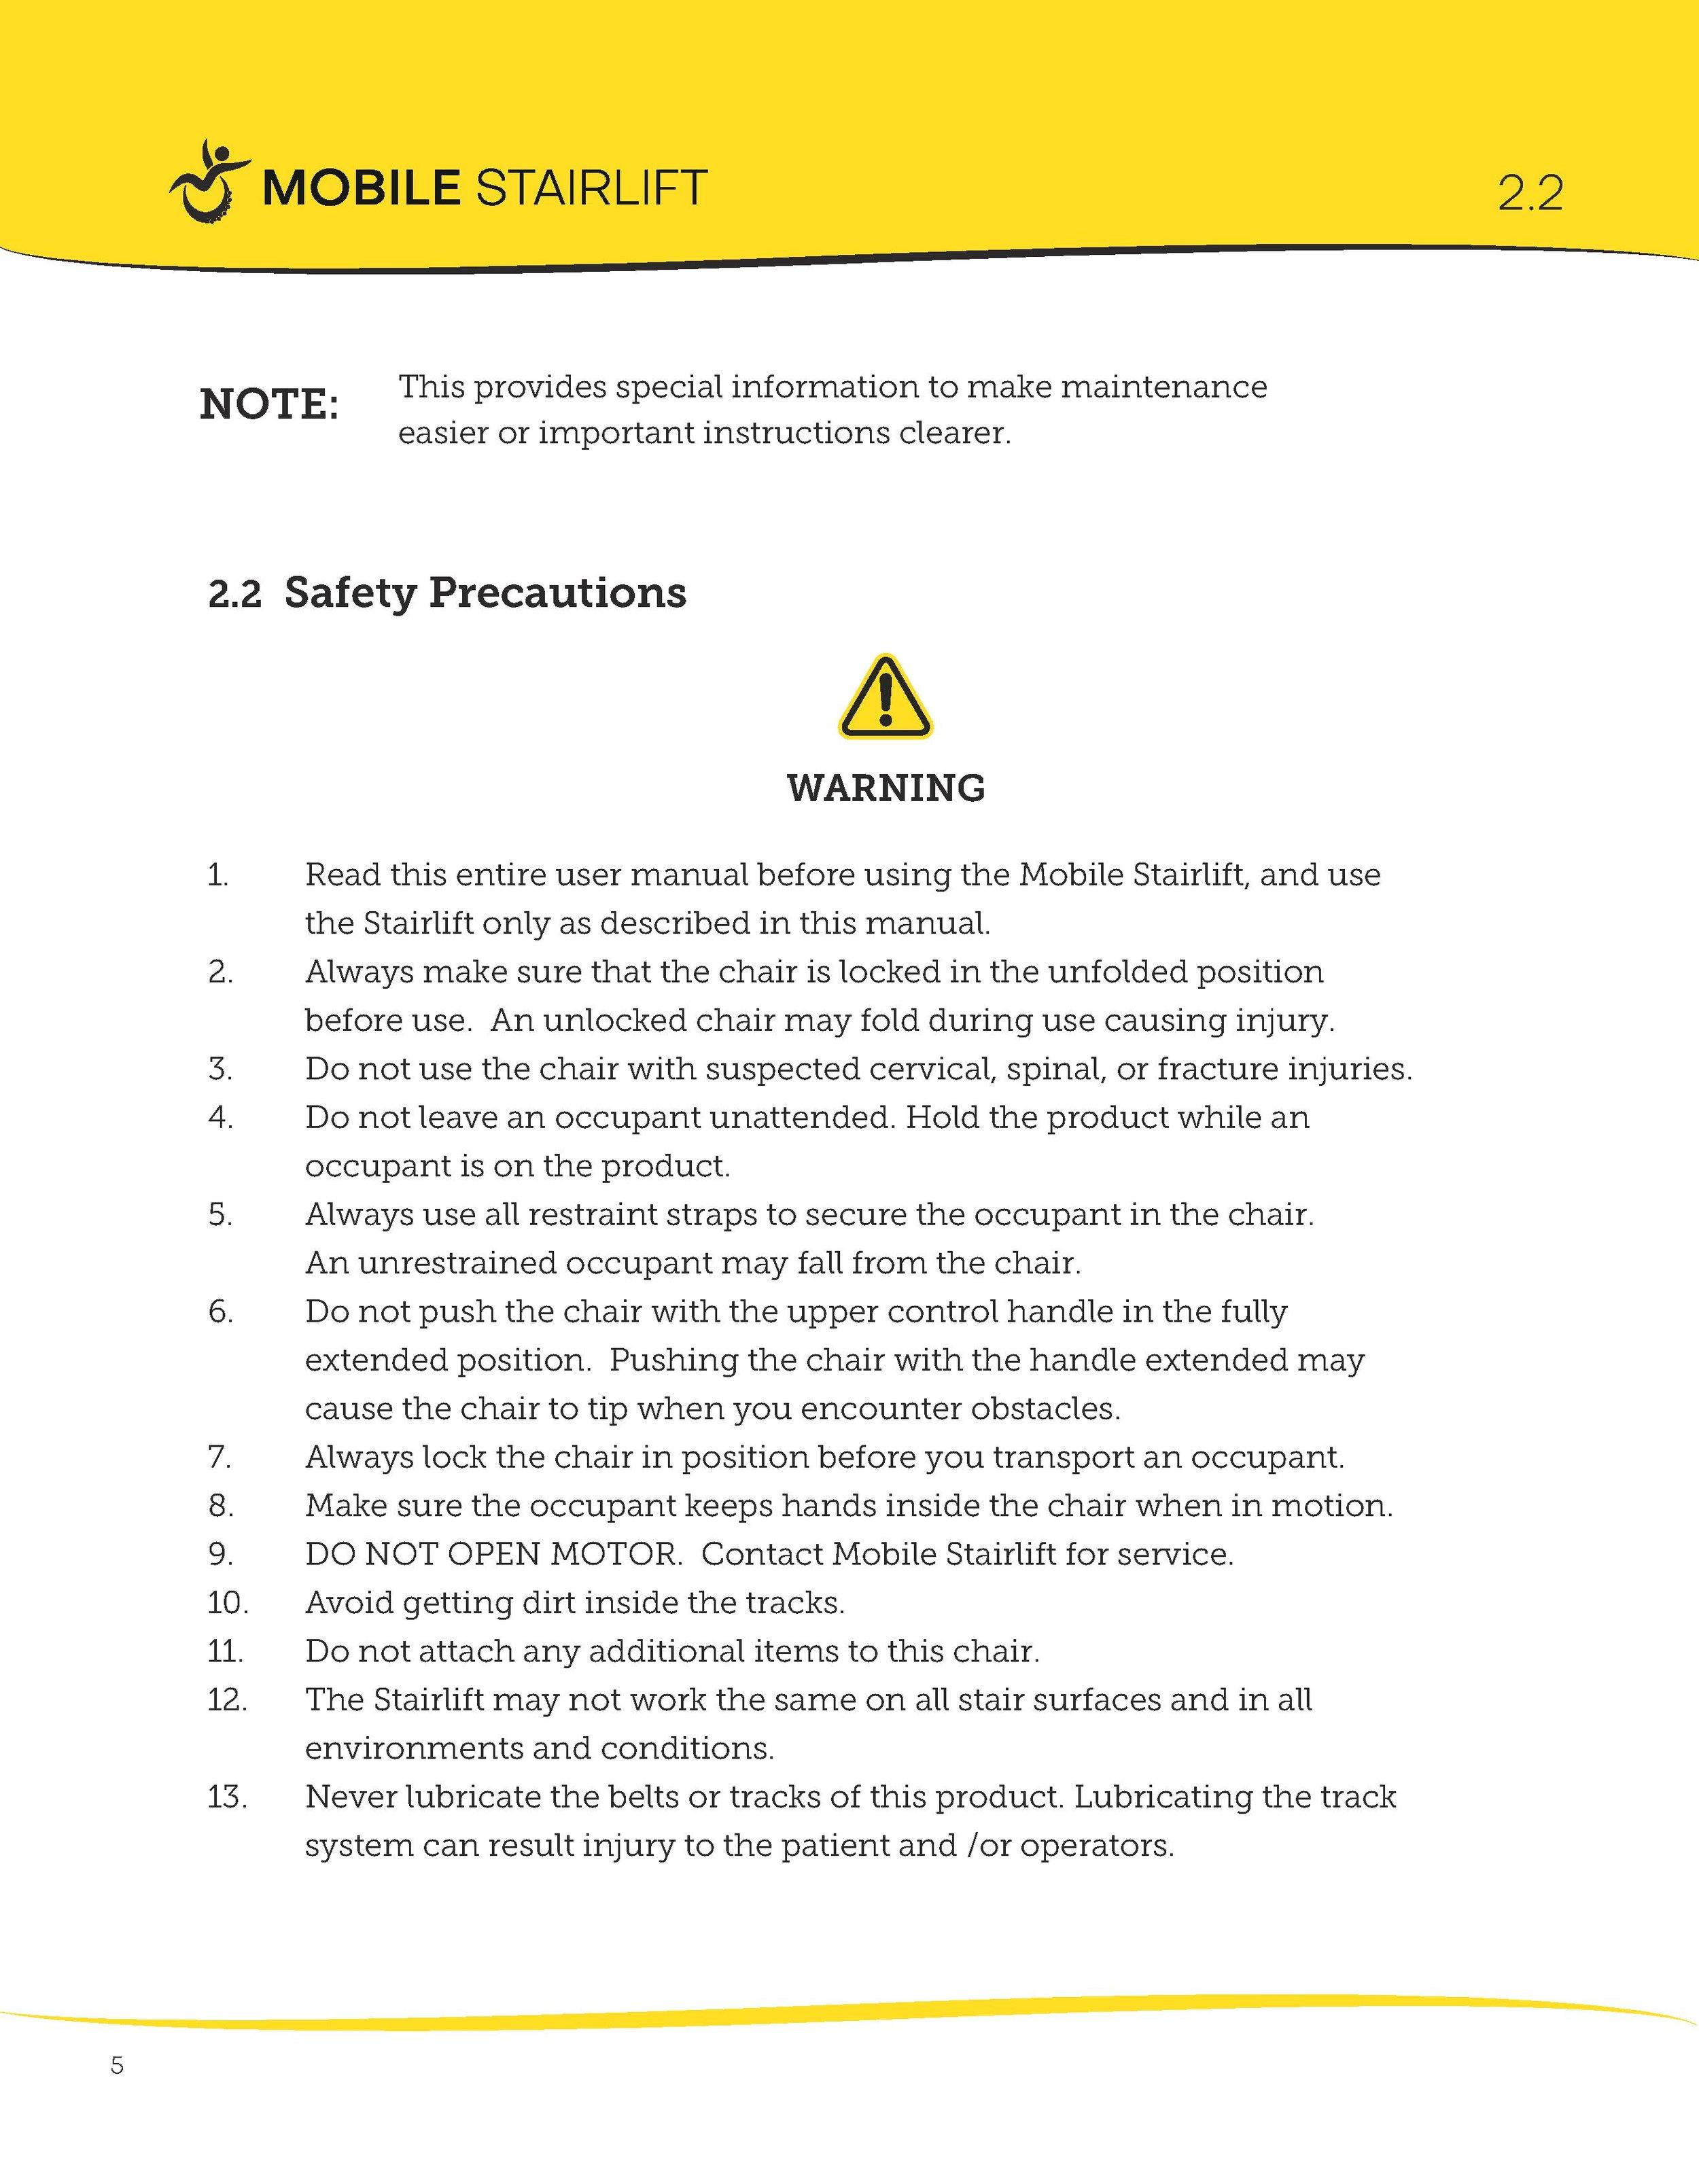 Mobile Stairlift Instruction Manual-6.jpg